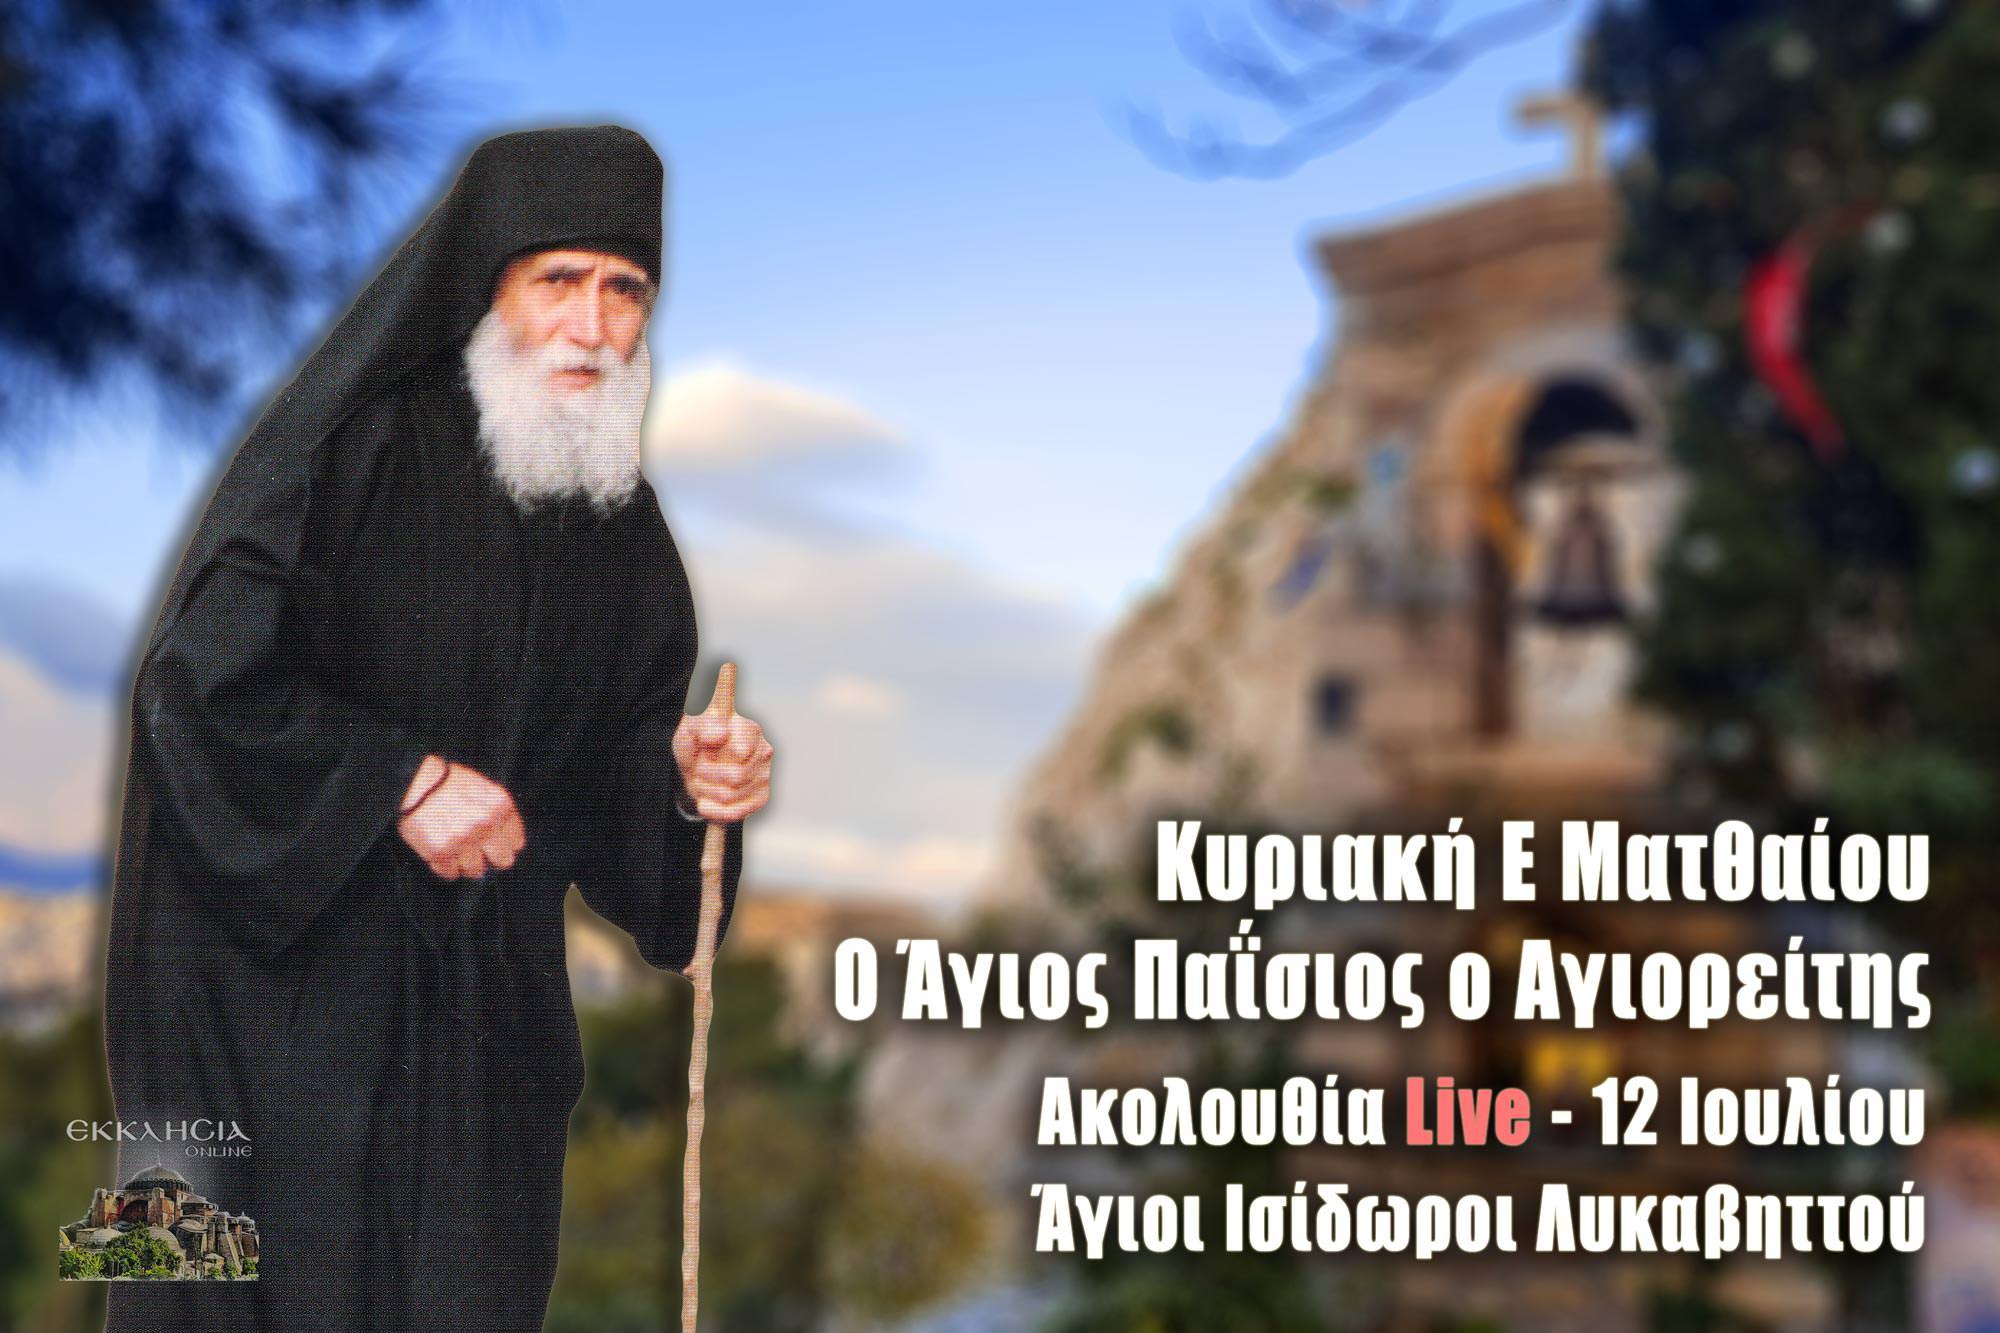 LIVE Άγιος Παΐσιος Αγιορείτης 12 Ιουλίου